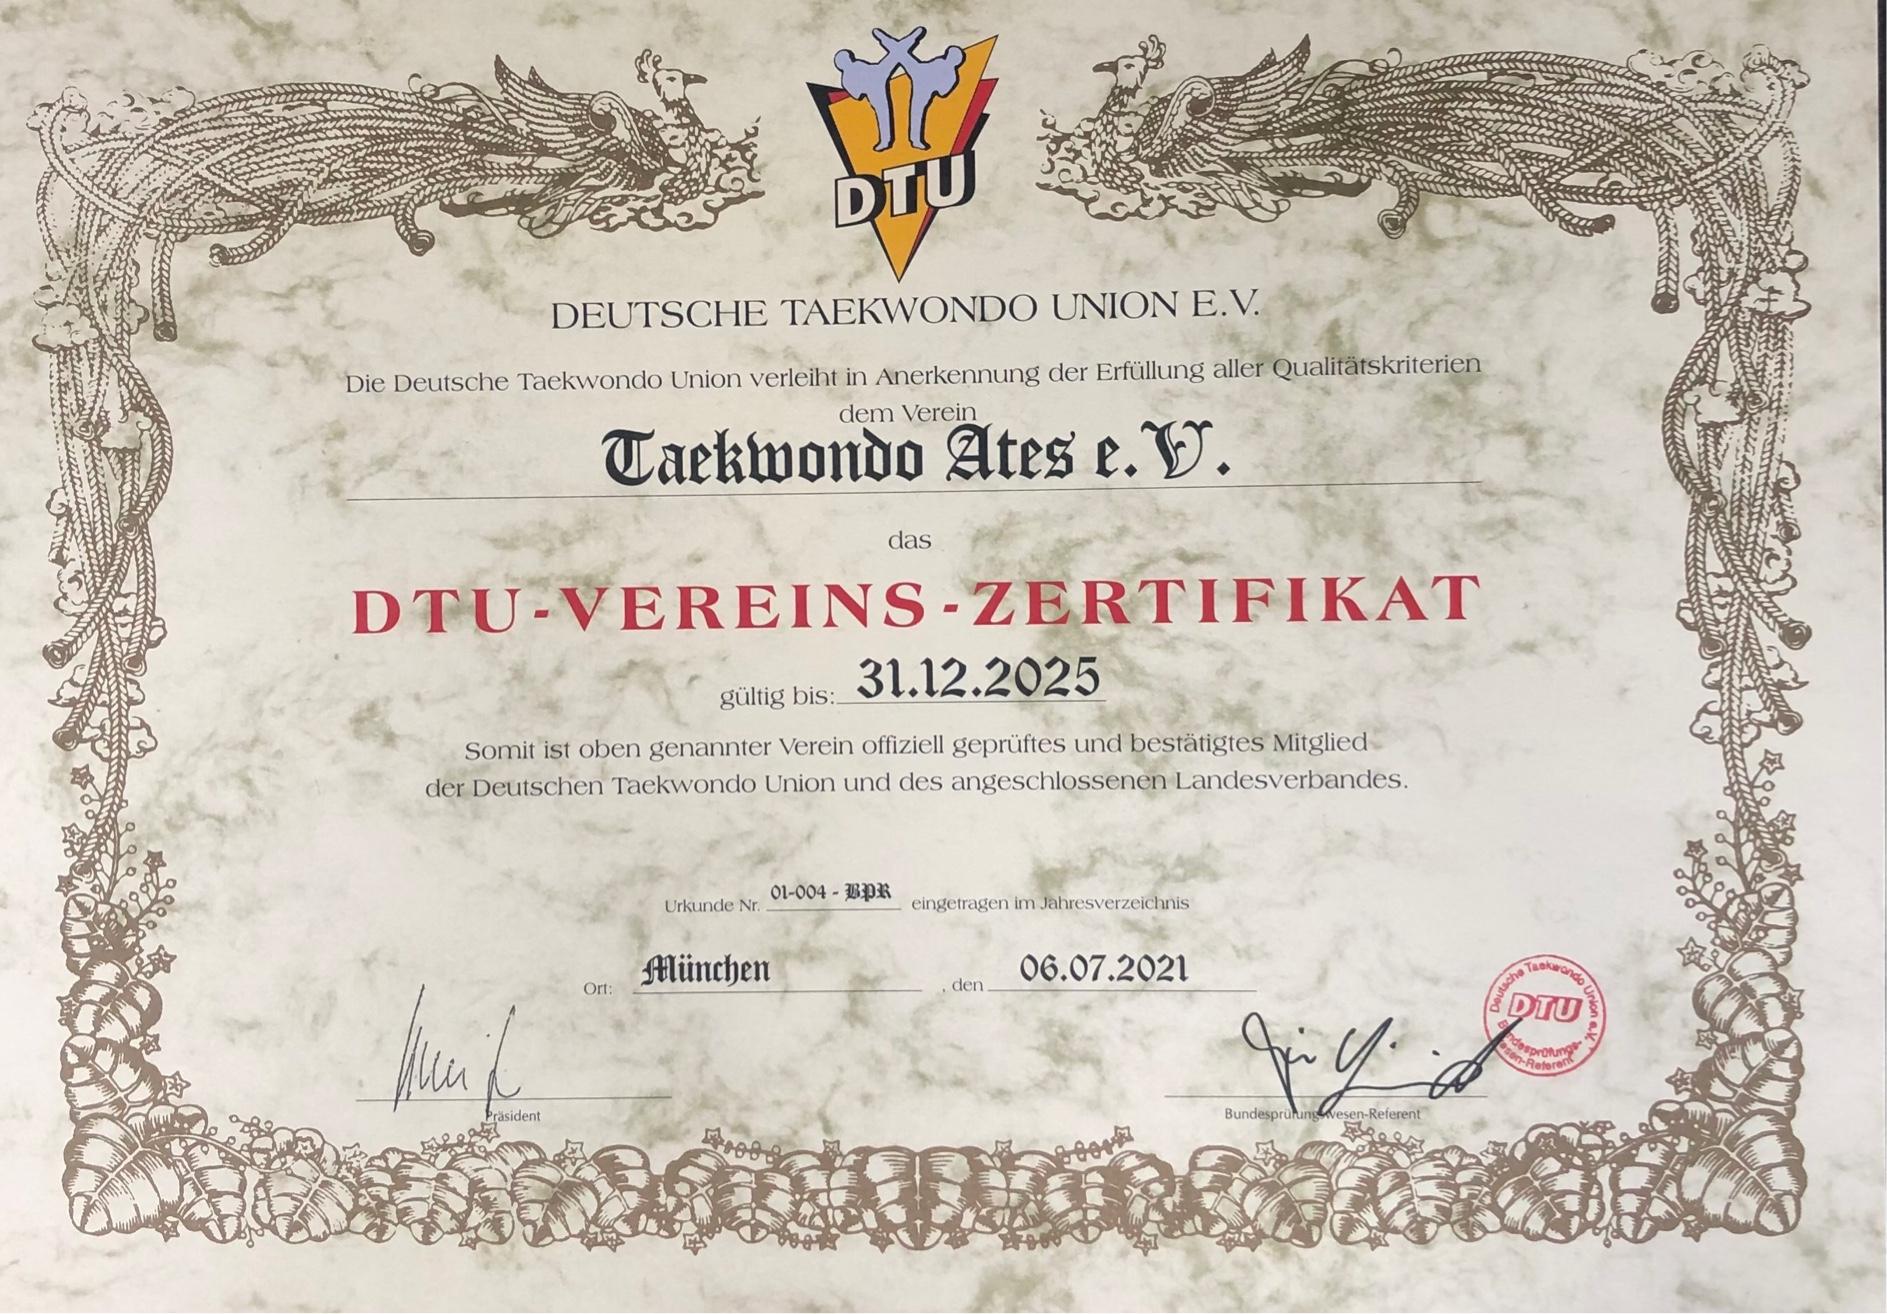 """Taekwondo Ates e.V. erhält wiederholt das DTU-Vereinszertifikat. """"Geprüftes Mitglied der Deutschen Taekwondo Union (DTU)"""", dem einzigen in Deutschland anerkannten Fachsportverband für olympisches Taekwondo!"""